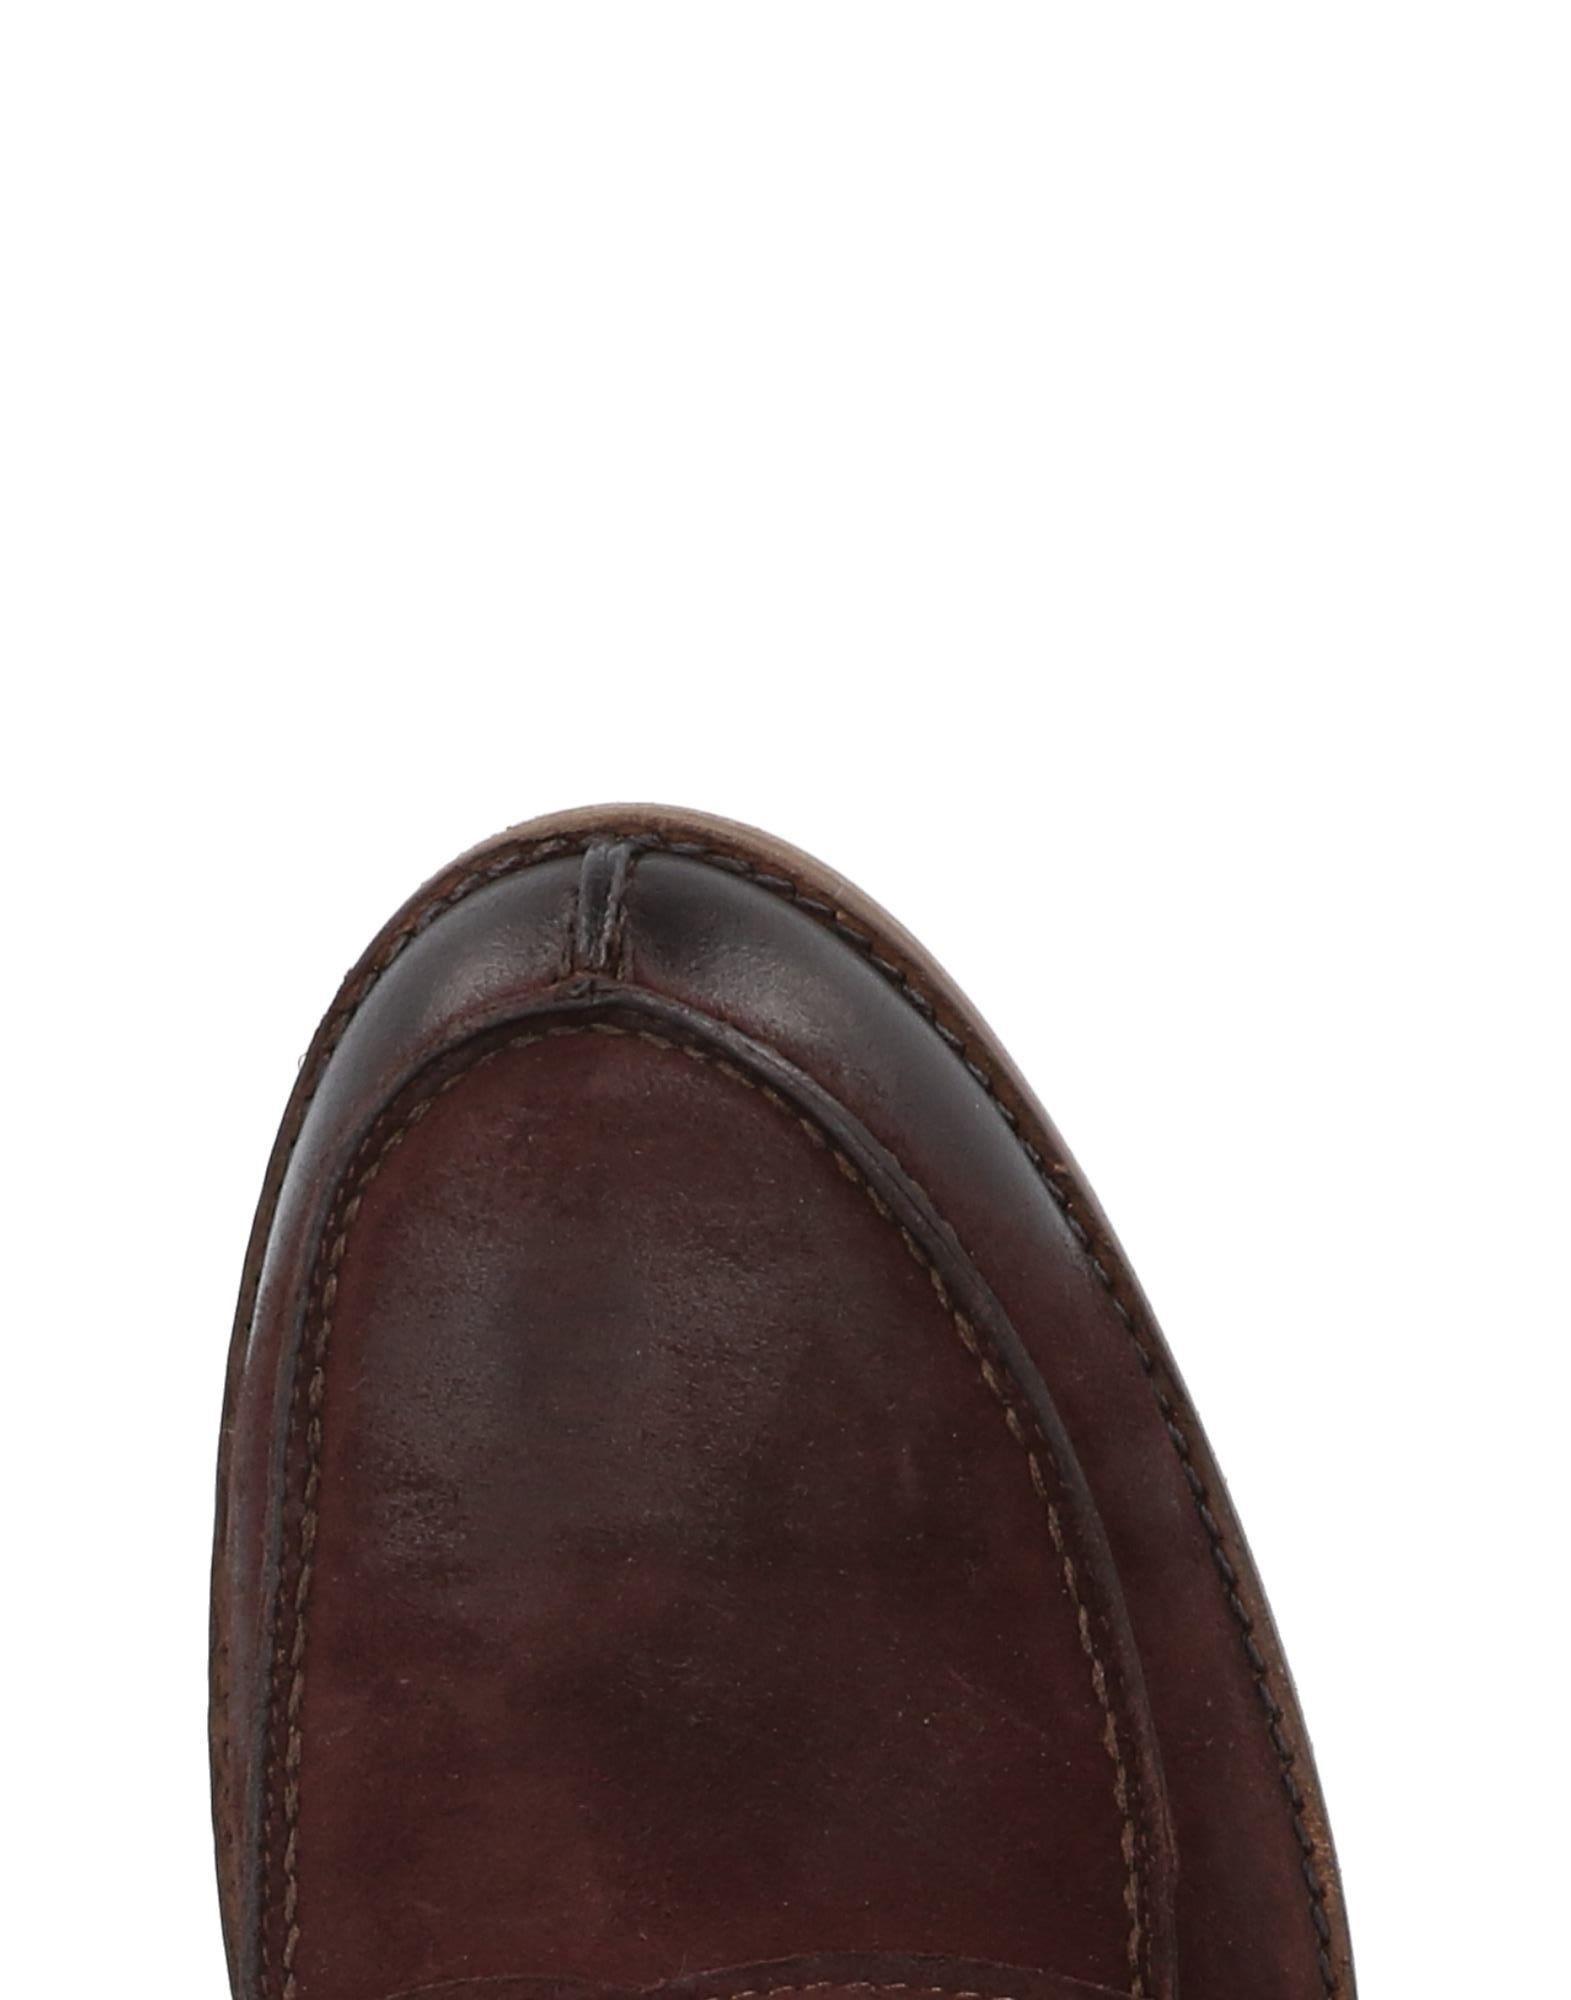 Rabatt echte Schuhe Barbati Mokassins 11465318RU Herren  11465318RU Mokassins c0e574